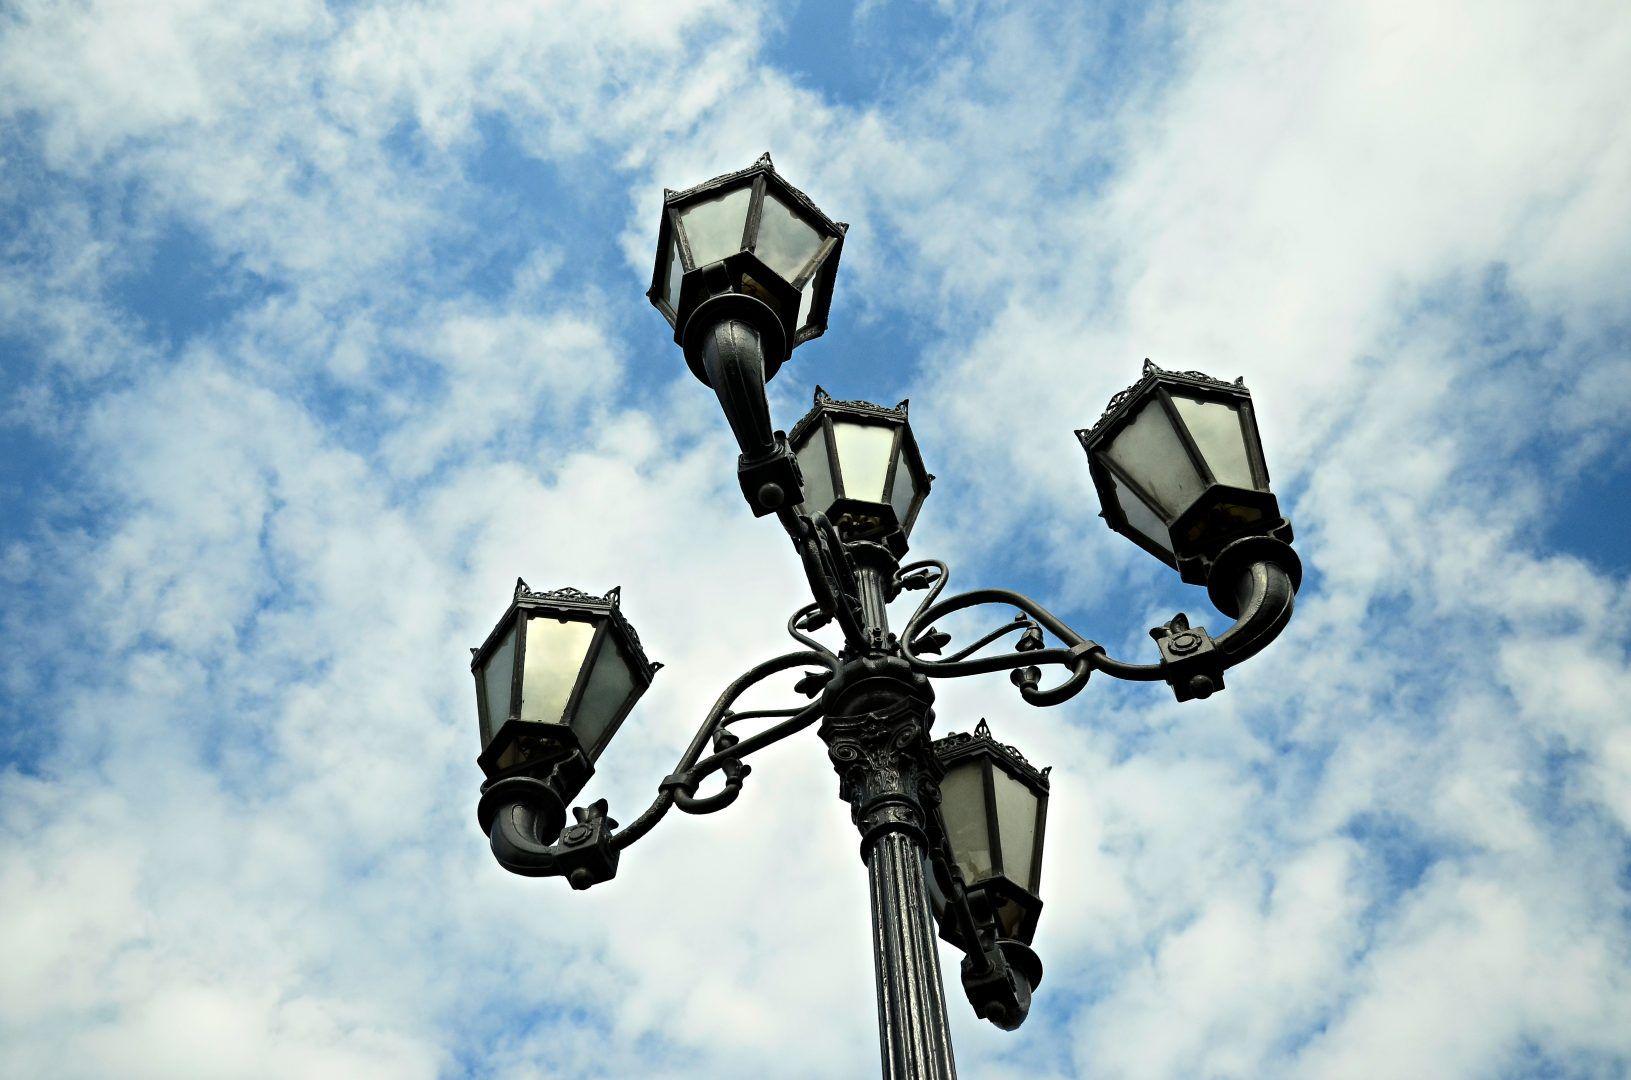 Дополнительные осветительные опоры установят в Первомайском. Фото: Анна Быкова